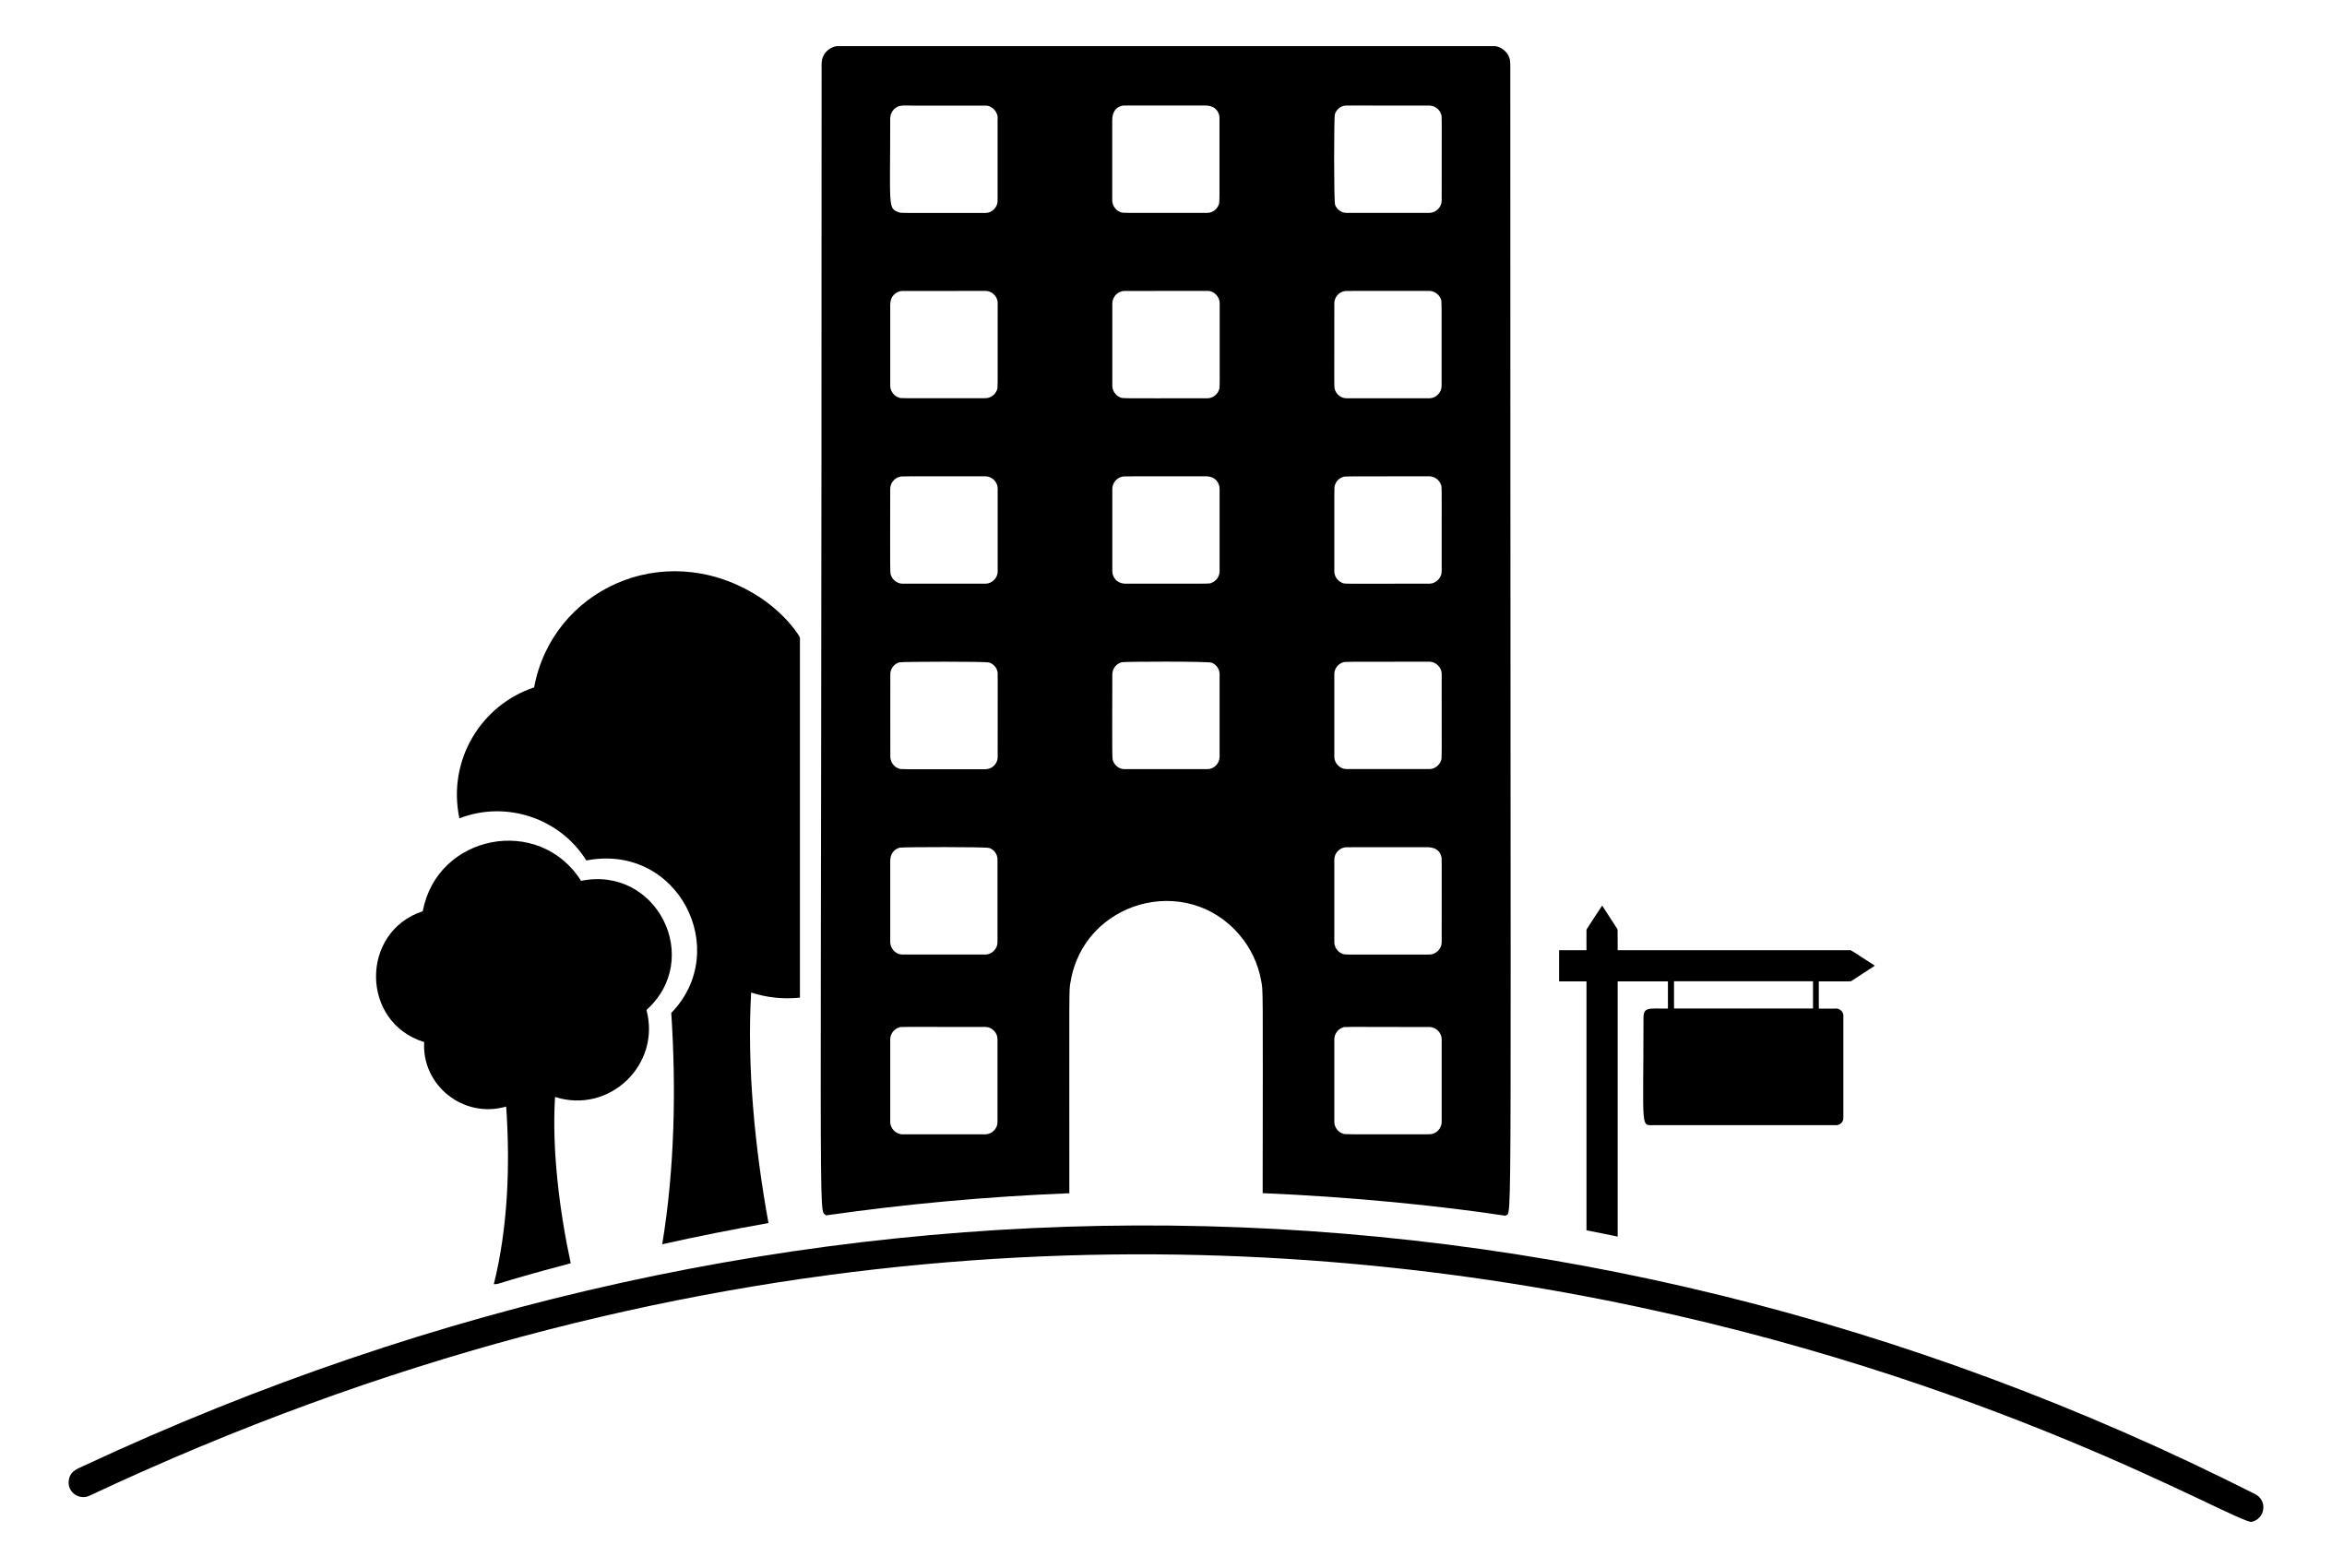 Droide. Apartment clipart building design